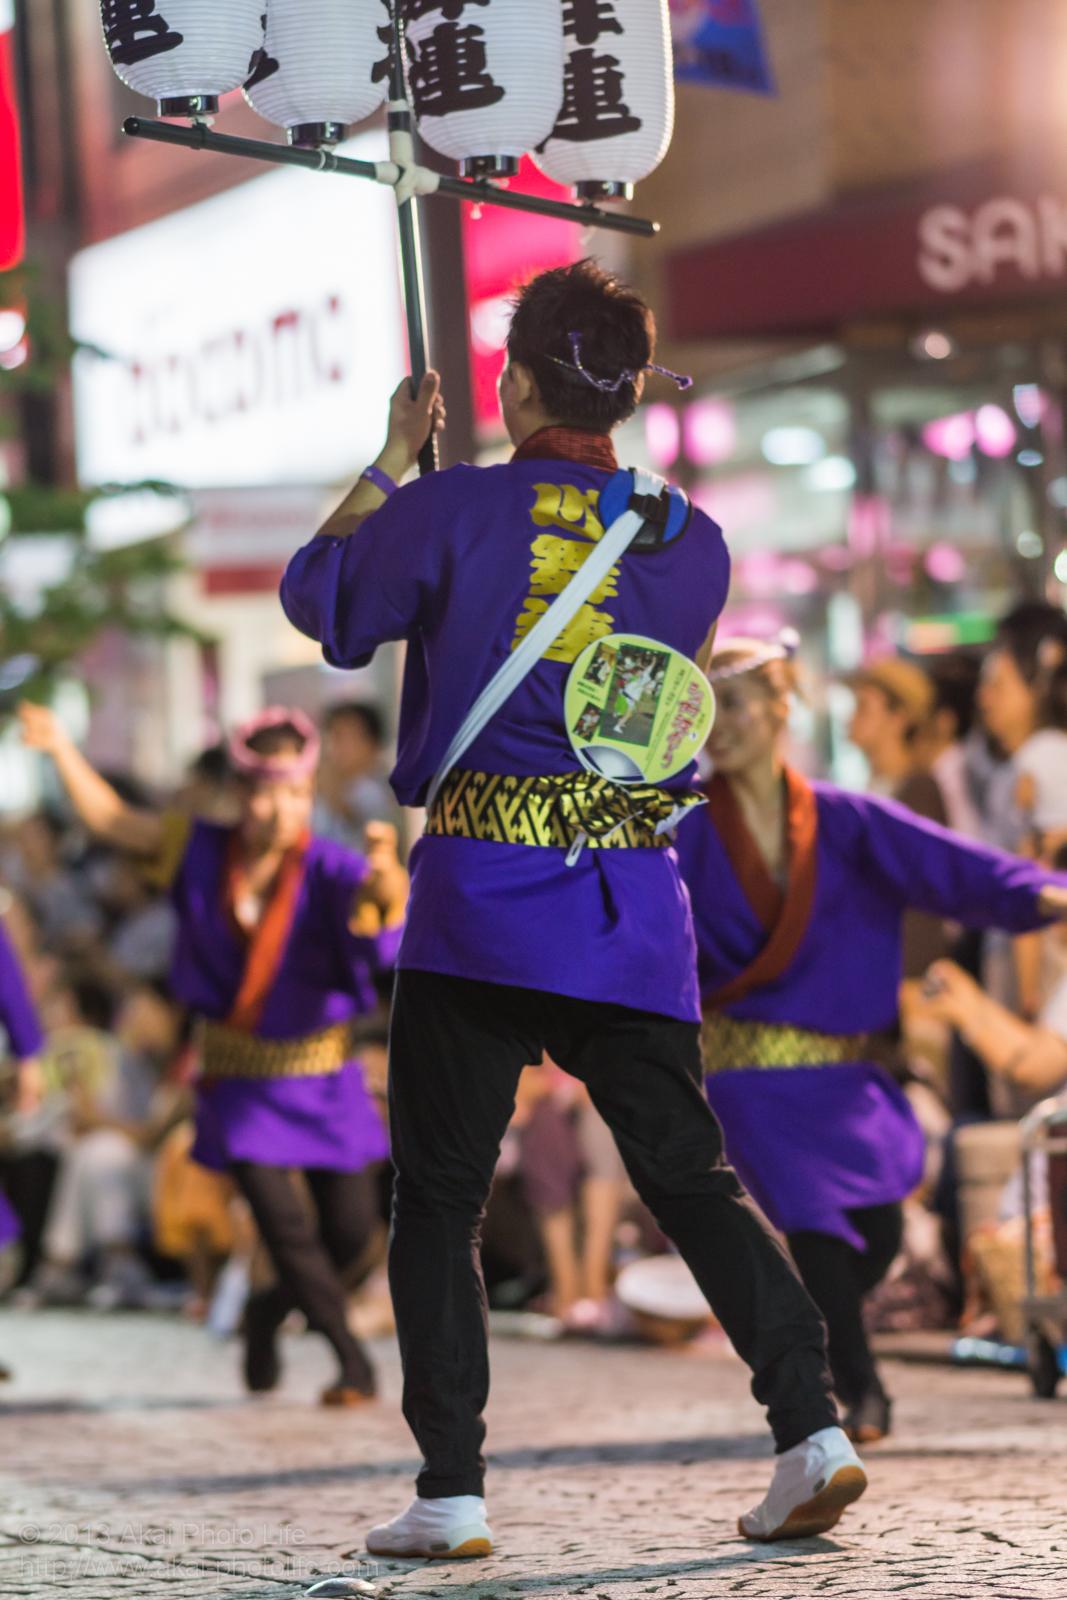 三鷹阿波踊り 心舞連の高張提灯持ち手